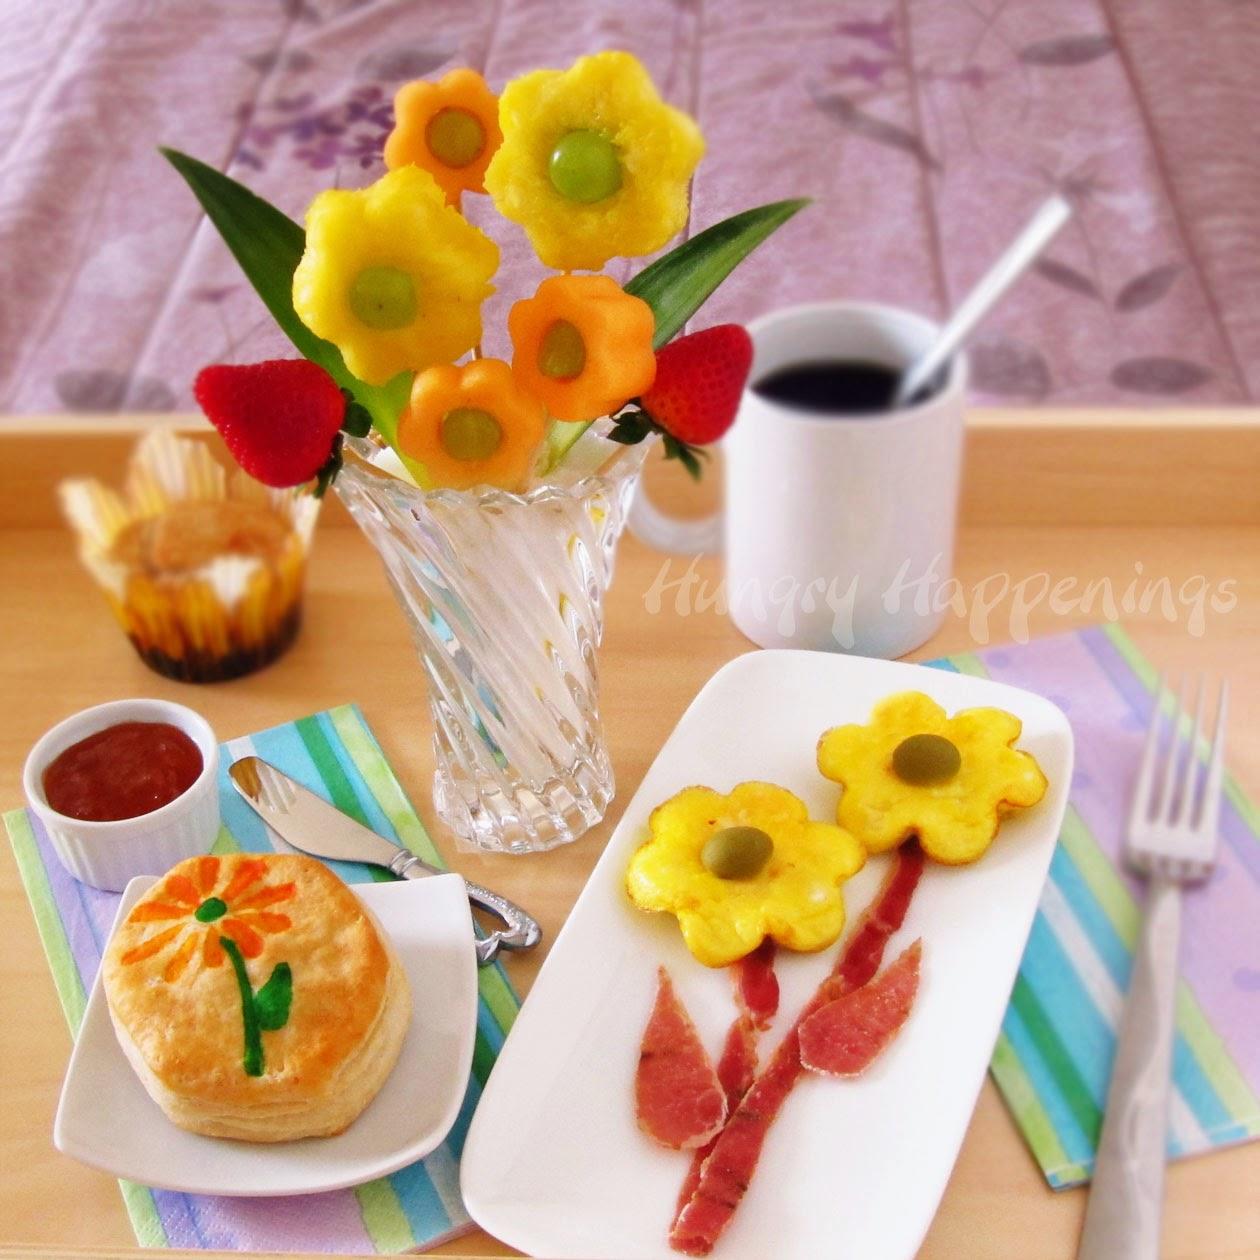 café da manhã especial dia das mães ovo bacon pão